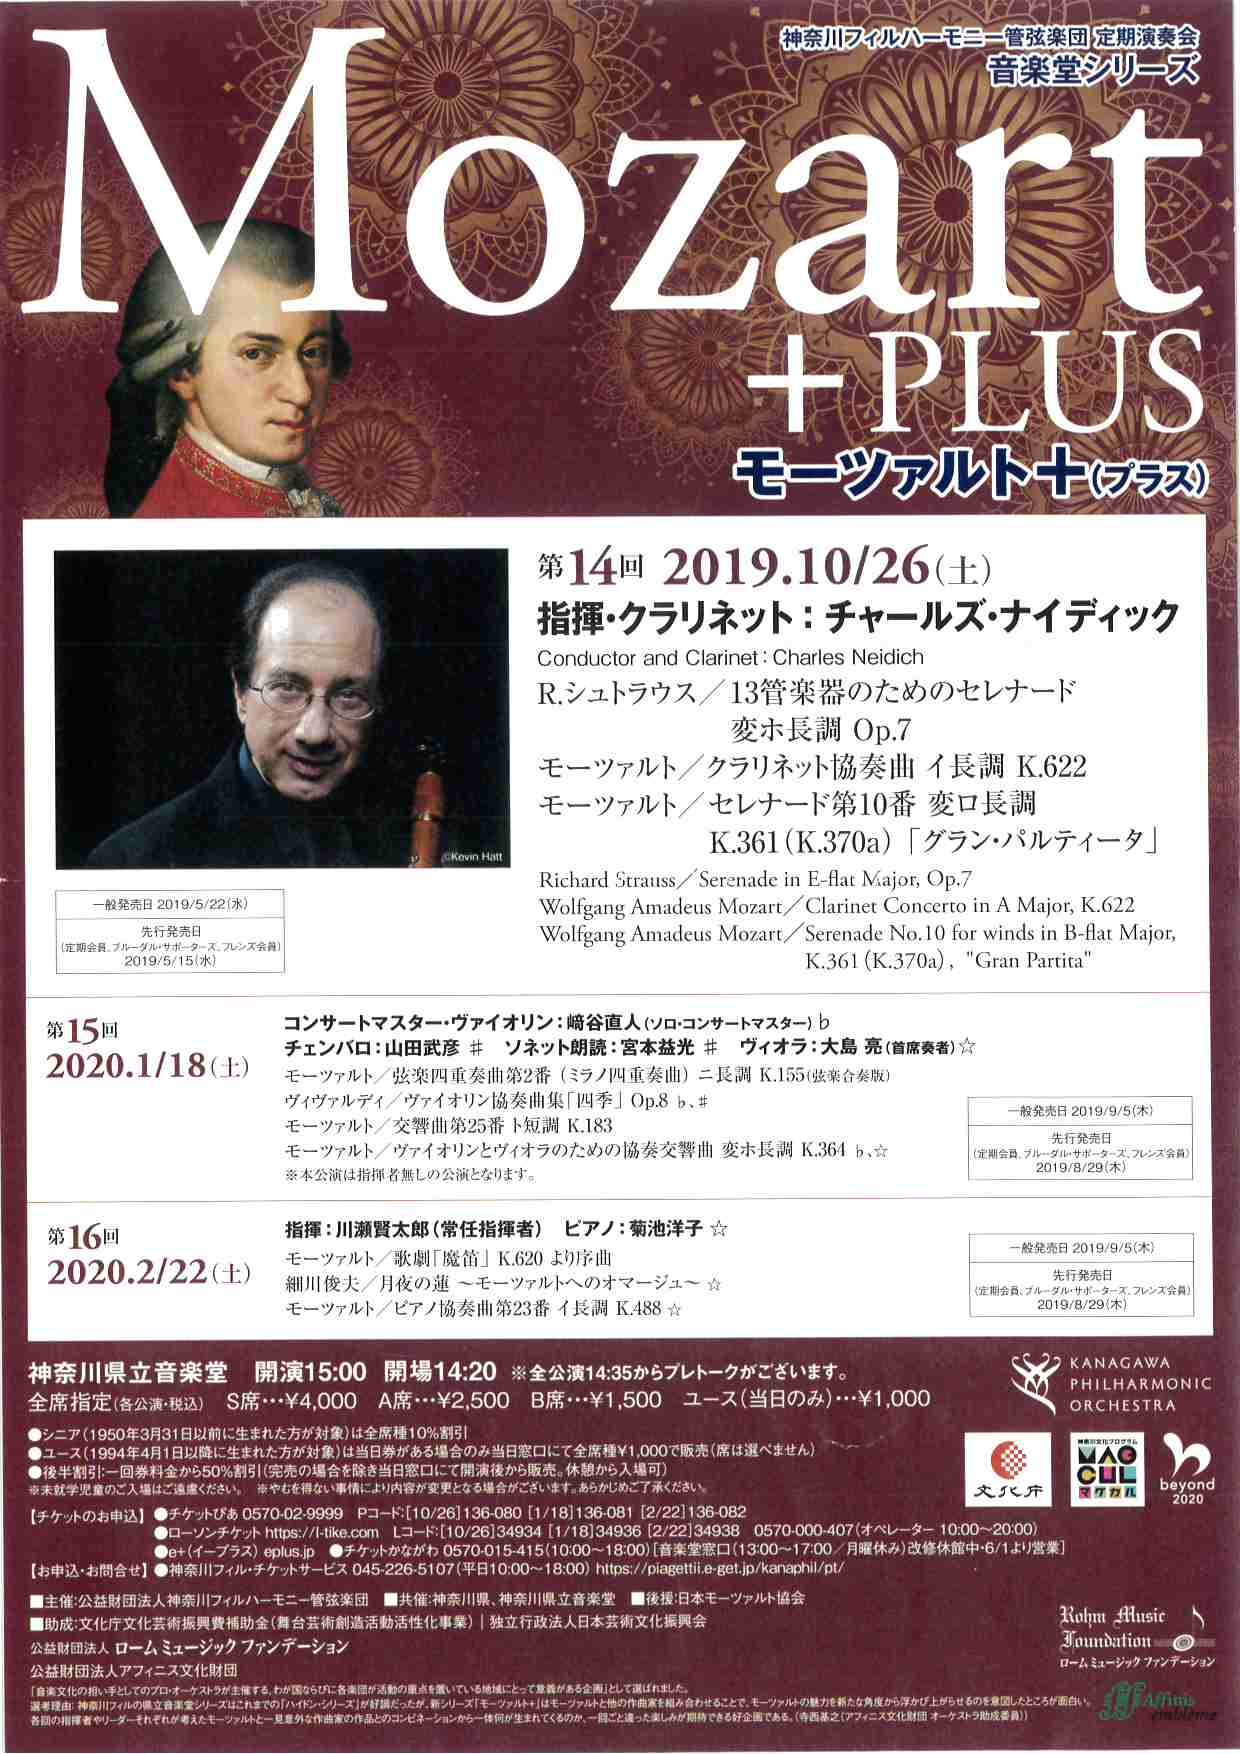 神奈川フィルハーモニー管弦楽団 定期演奏会 音楽堂シリーズ モーツァルト+